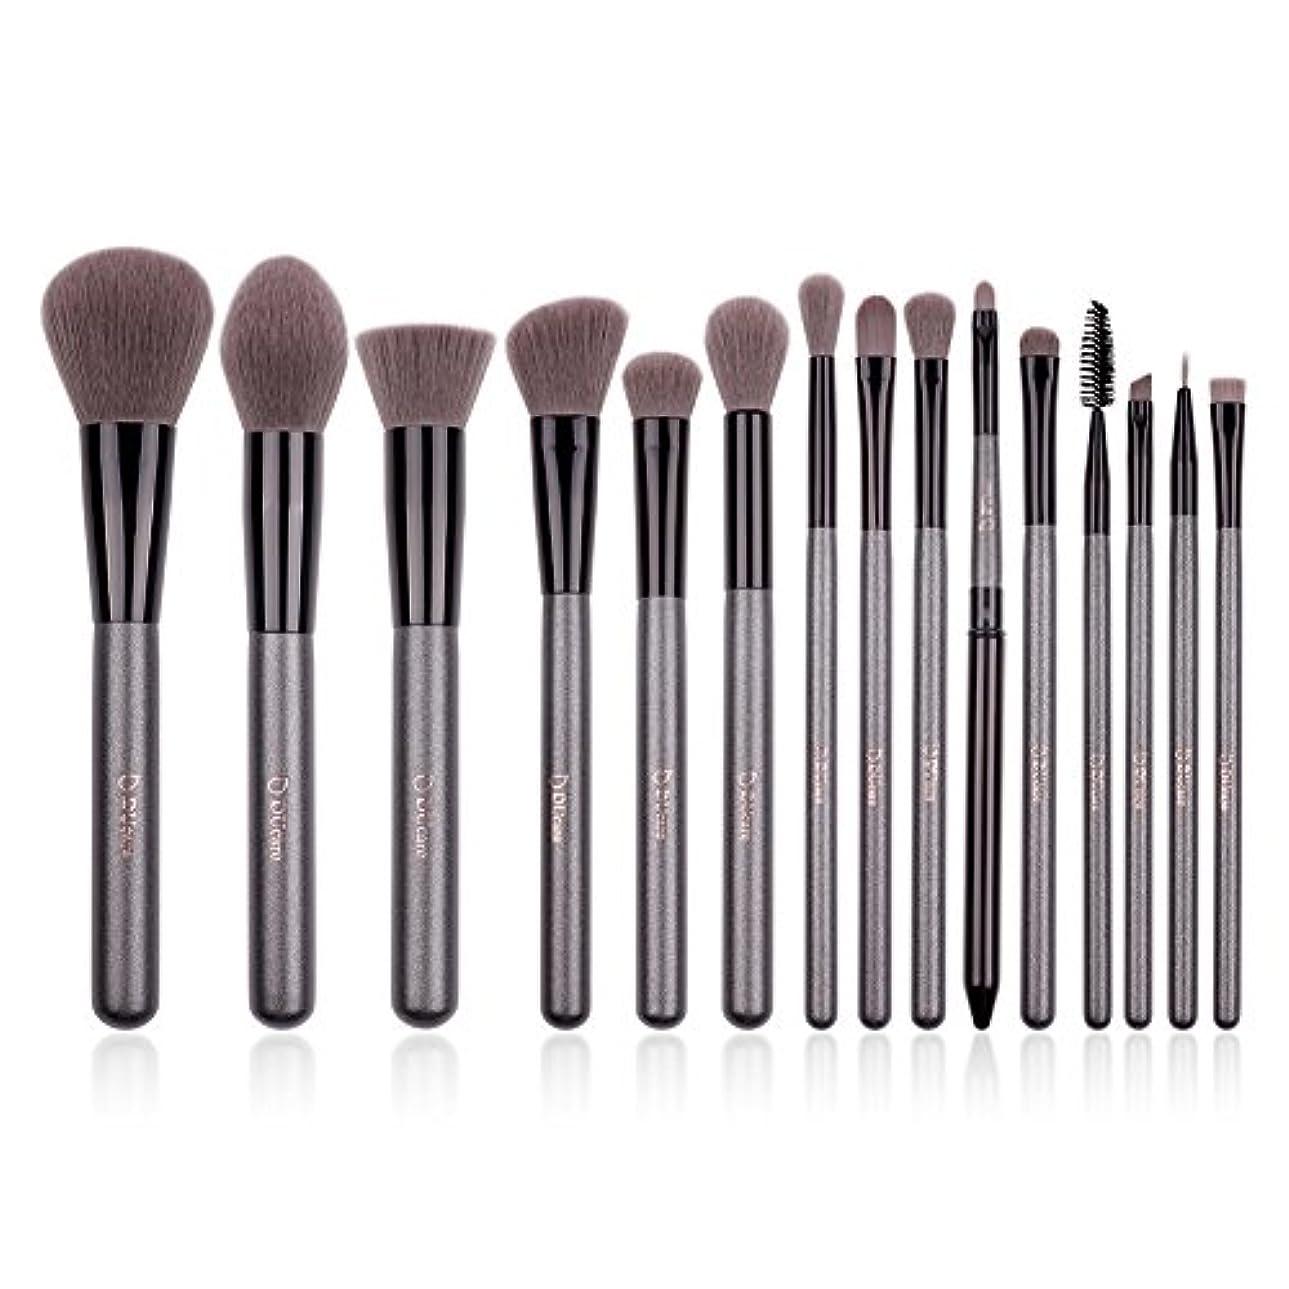 流振る舞い召集するDUcare ドゥケア 化粧筆 メイクブラシ15本セット 上等な使用感 粉含み力抜群